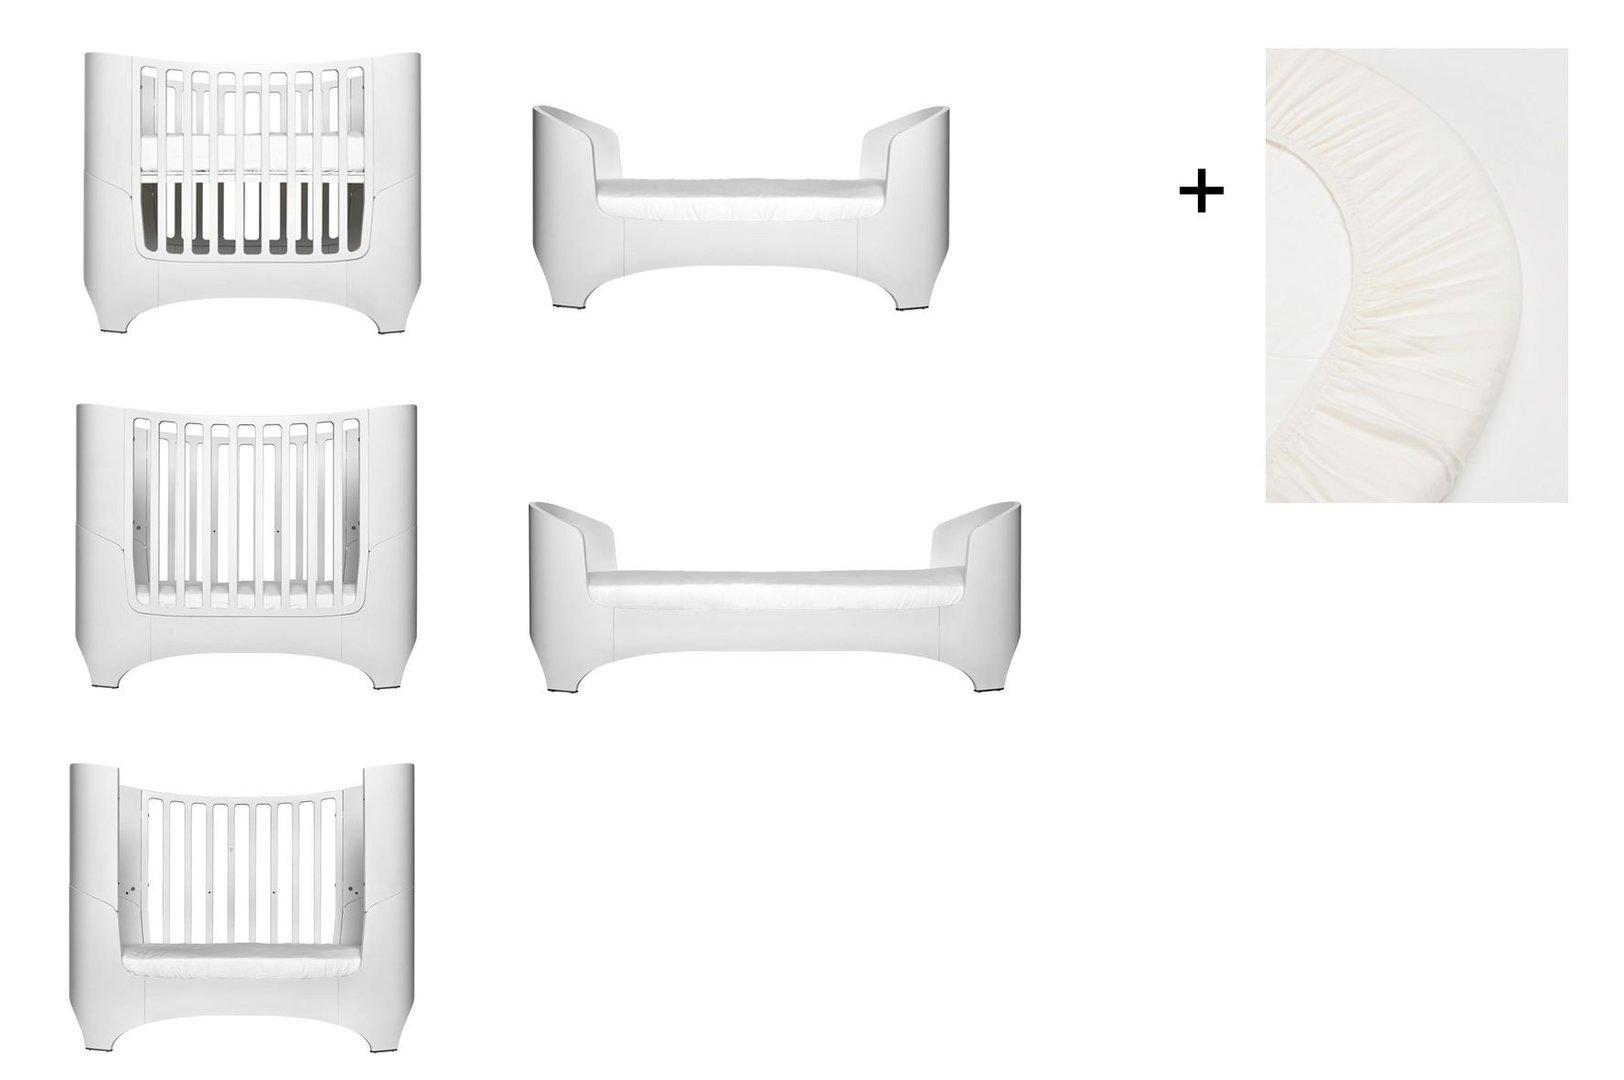 wei leander baby und juniorbett 1 set 2 st ck original spannbettt cher in der babygr e. Black Bedroom Furniture Sets. Home Design Ideas